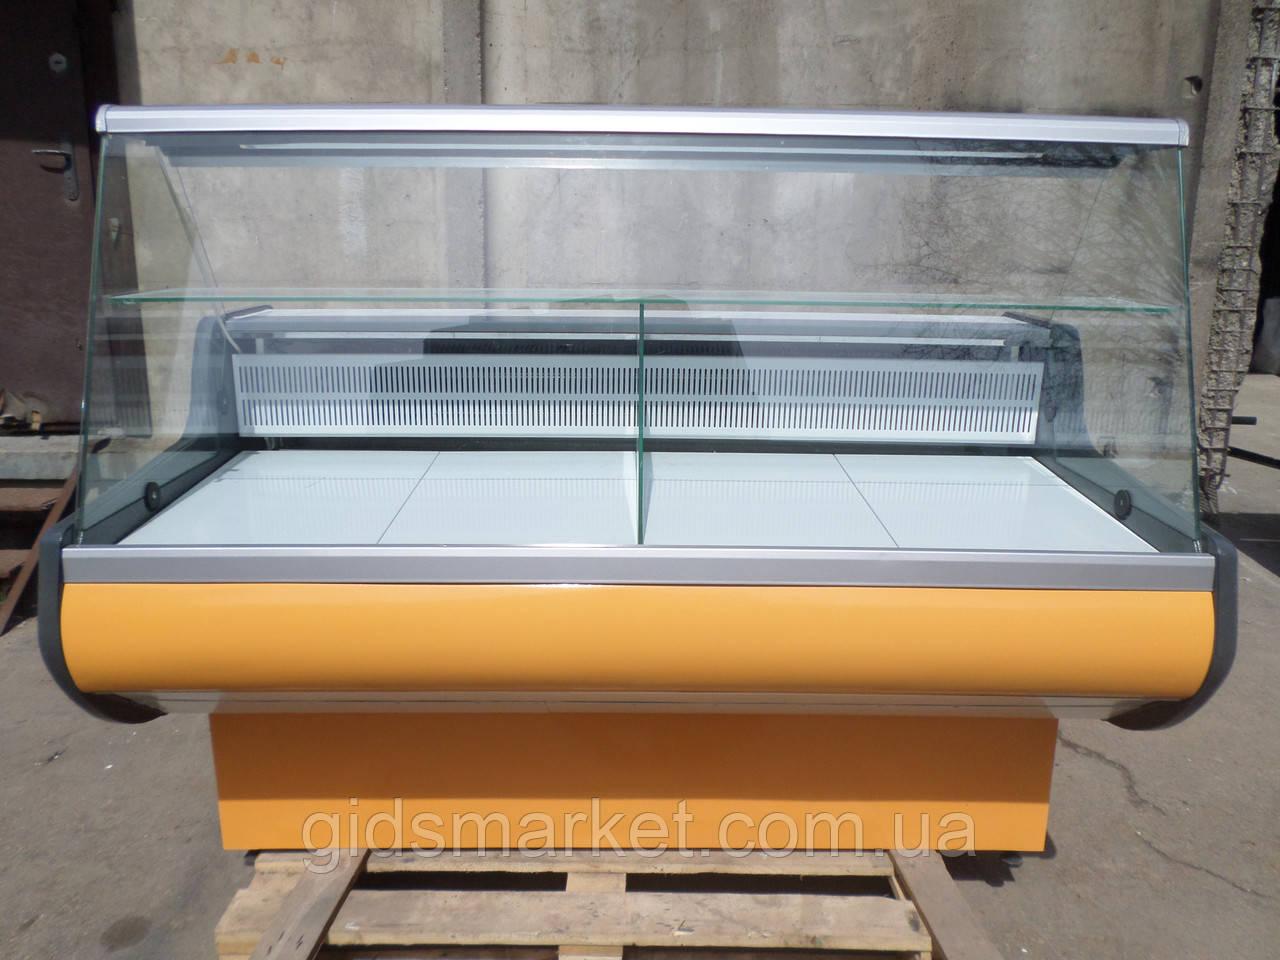 Витрина холодильная Росс 1,6 м. бу., гастрономический прилавок бу.